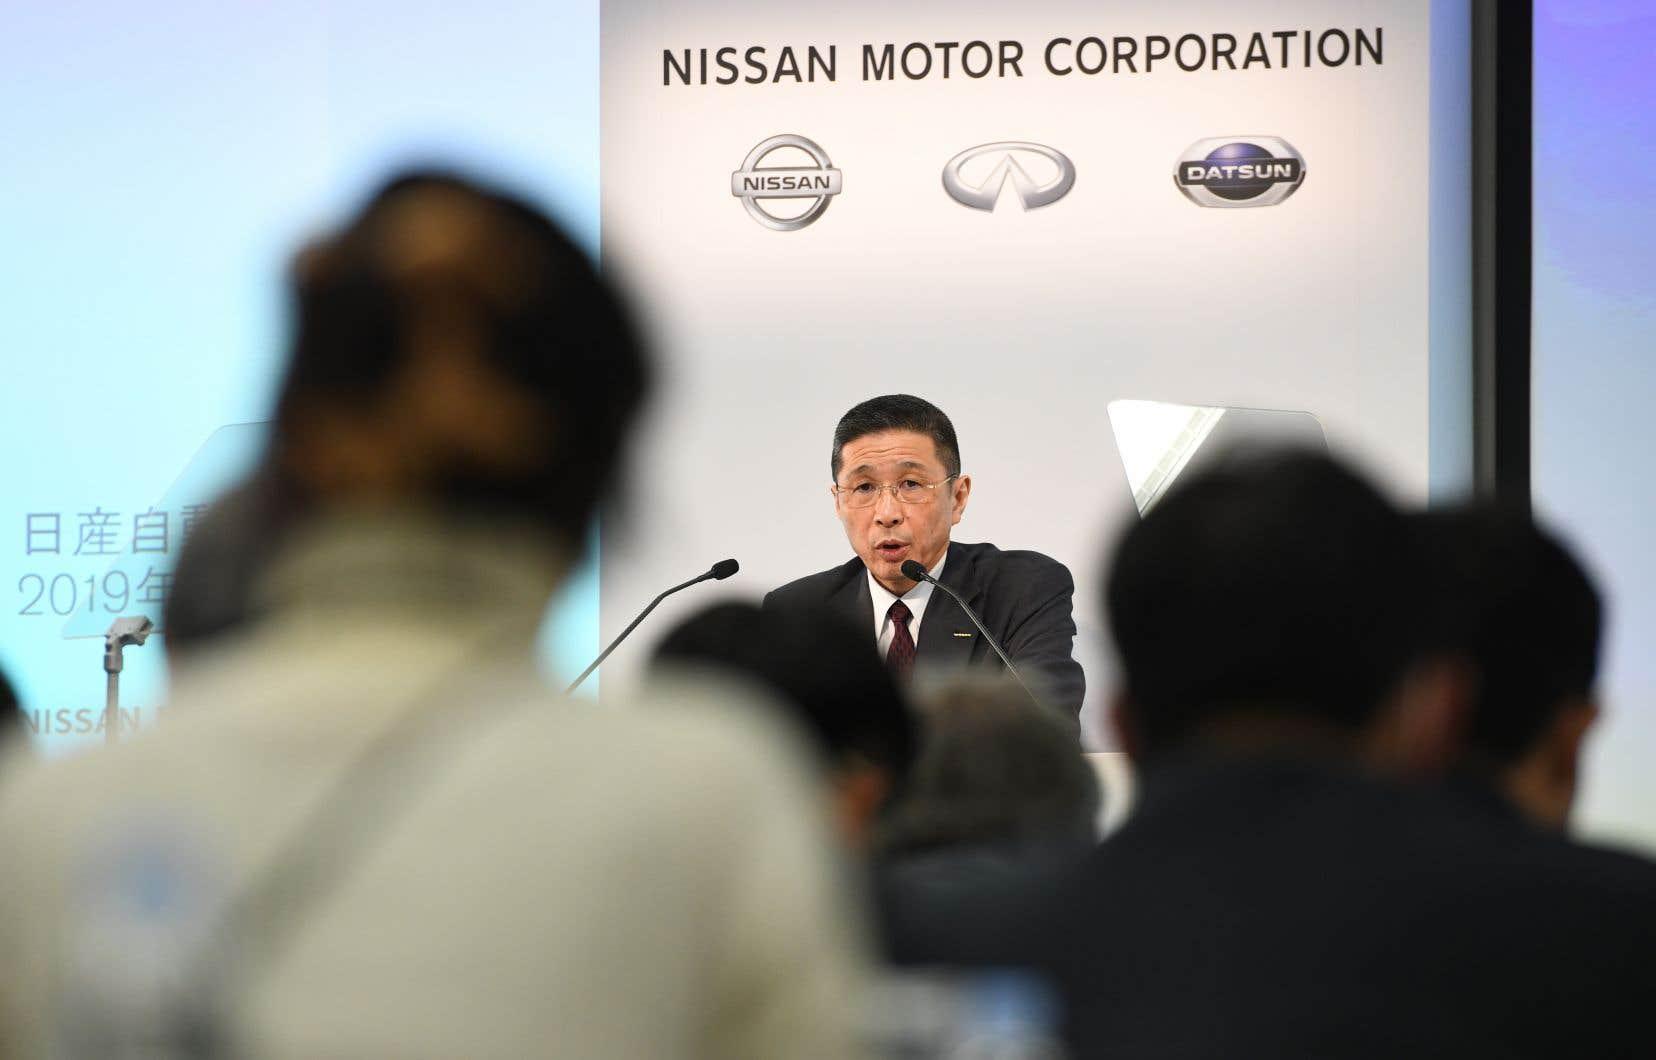 Entre avril et décembre 2018, le constructeur d'automobiles japonais a affiché un résultat net en recul de 45%.